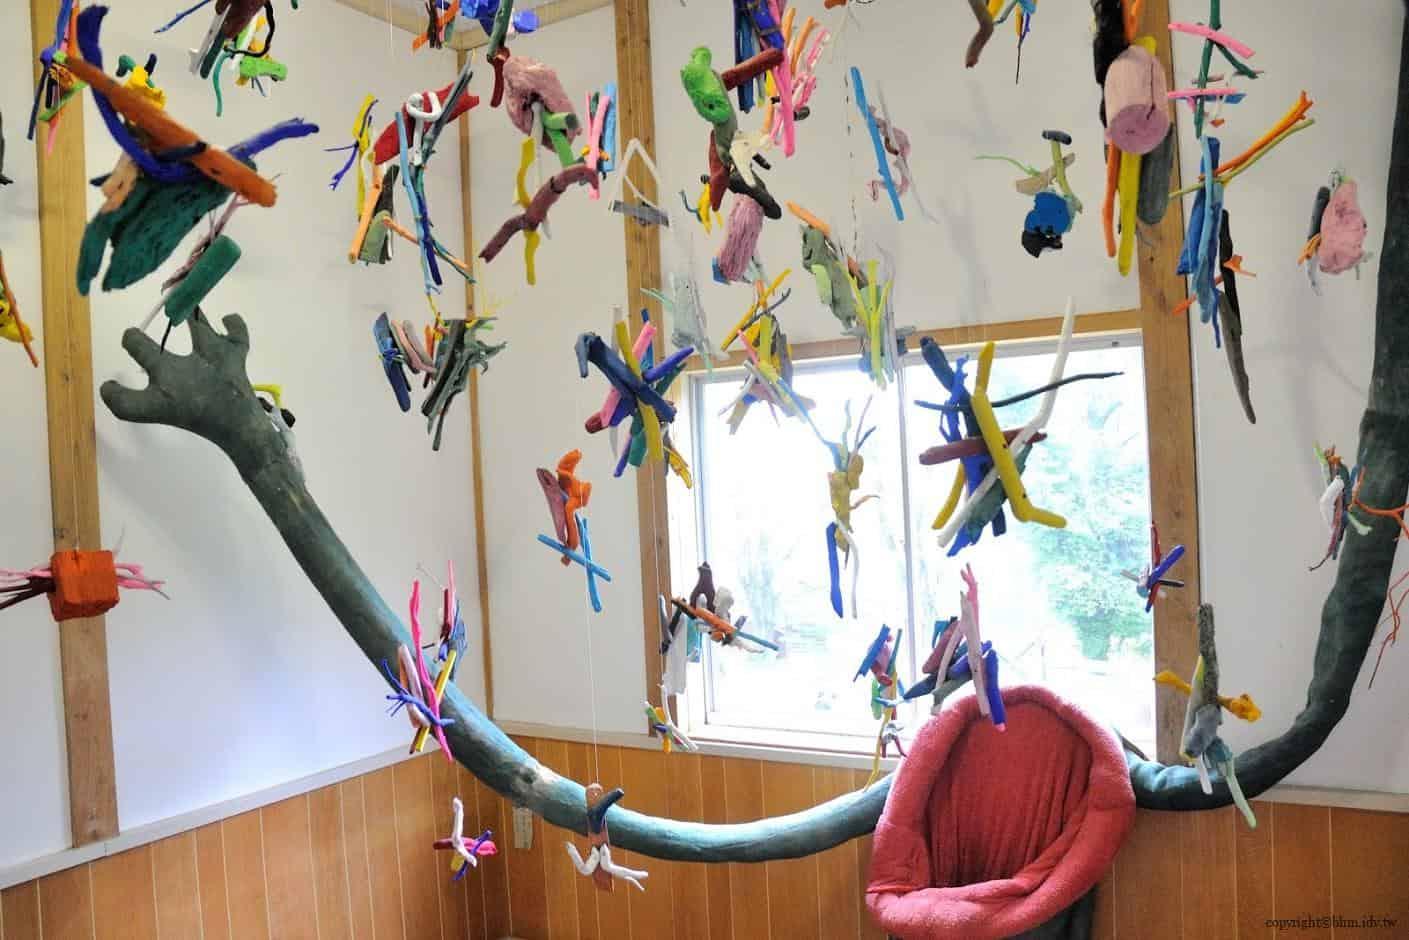 田島征三,繪本和樹木果實美術館,以「學校不是空的喔!」為主題 繪本和樹木果實美術館 繪本和樹木果實美術館 hachi seizo tashima museum of picture book art 18